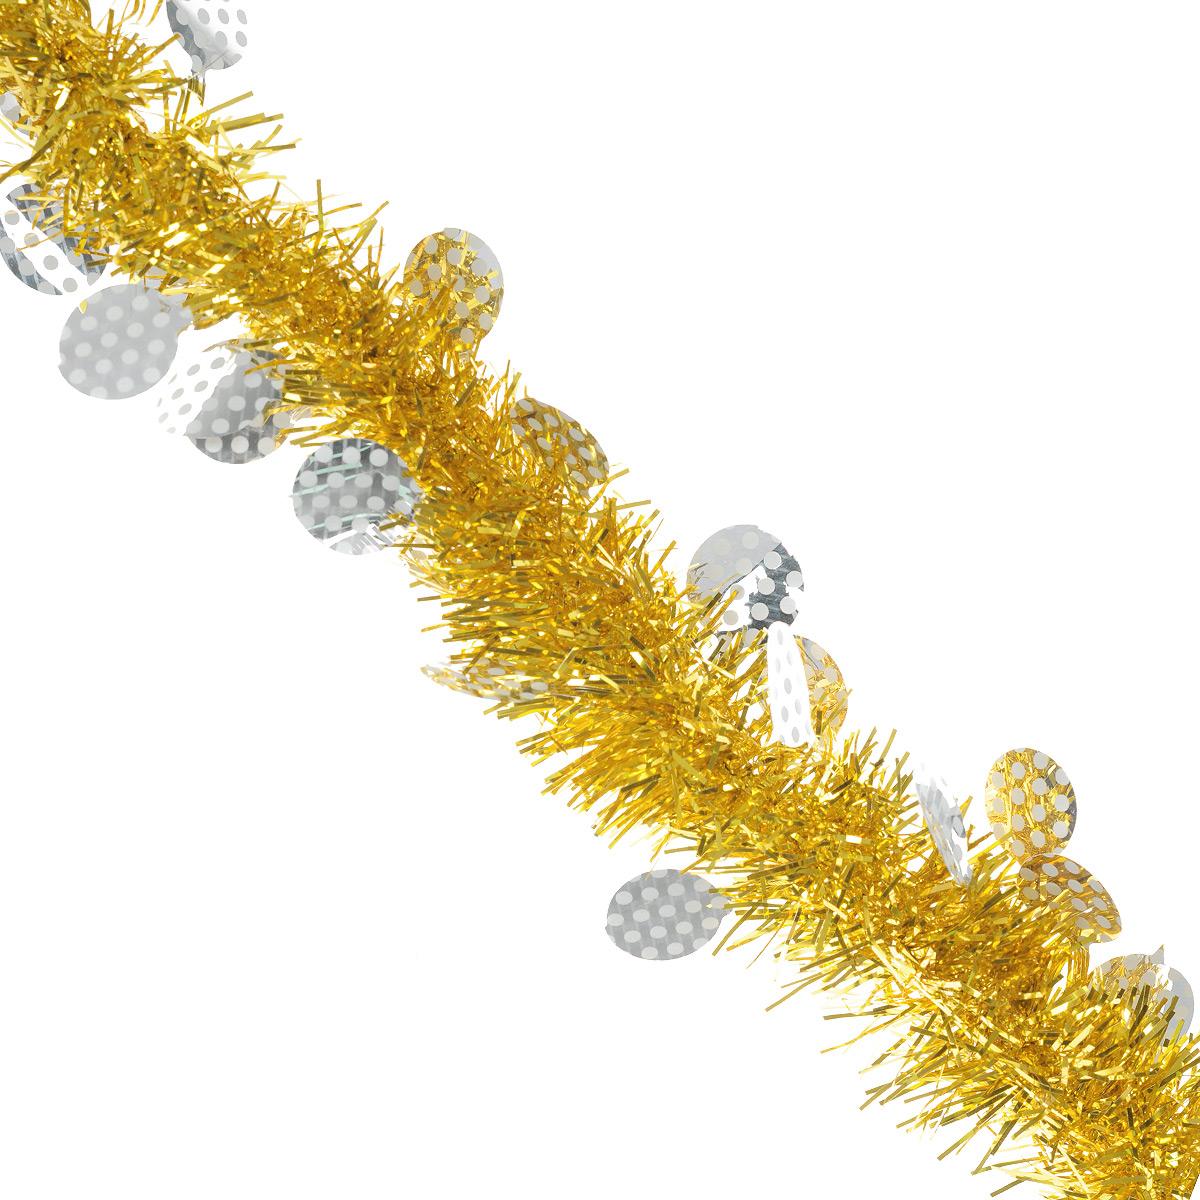 Мишура новогодняя Sima-land, цвет: золотистый, серебристый, диаметр 6 см, длина 200 см. 825975279383Пушистая новогодняя мишура Sima-land, выполненная из двухцветной фольги, поможет вам украсить свой дом к предстоящим праздникам. А новогодняя елка с таким украшением станет еще наряднее. Мишура армирована, то есть имеет проволоку внутри и способна сохранять приданную ей форму. Новогодней мишурой можно украсить все, что угодно - елку, квартиру, дачу, офис - как внутри, так и снаружи. Можно сложить новогодние поздравления, буквы и цифры, мишурой можно украсить и дополнить гирлянды, можно выделить дверные колонны, оплести дверные проемы.